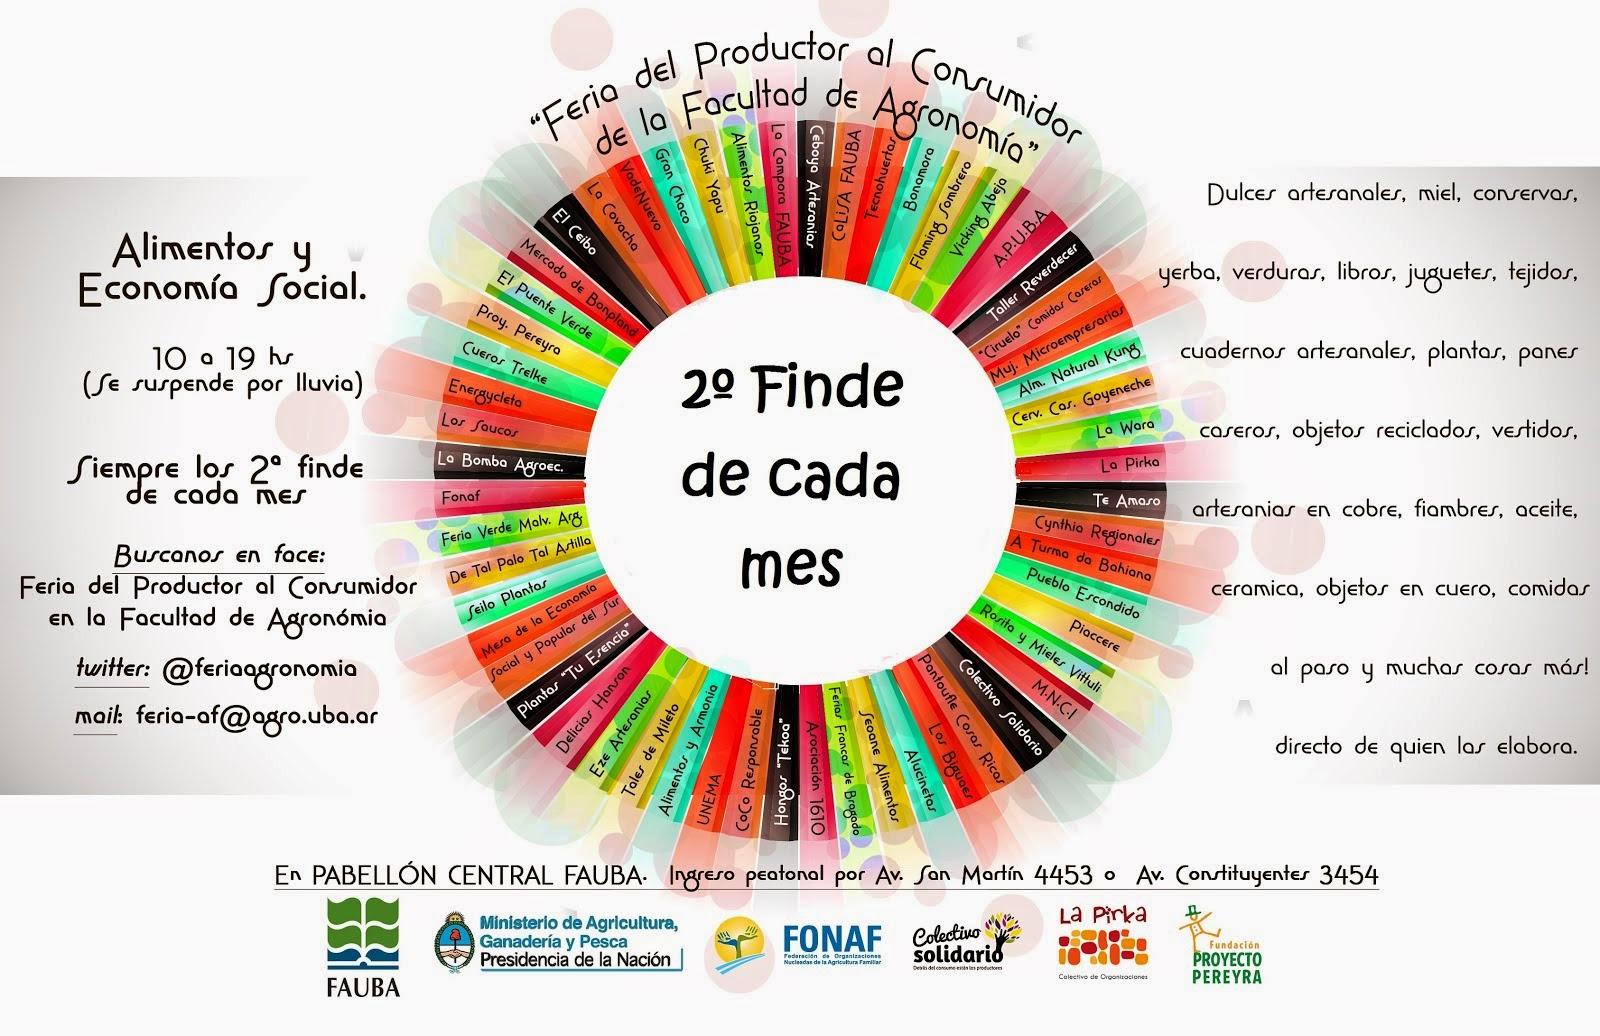 Feria del Productor al Consumidor en Agronomia